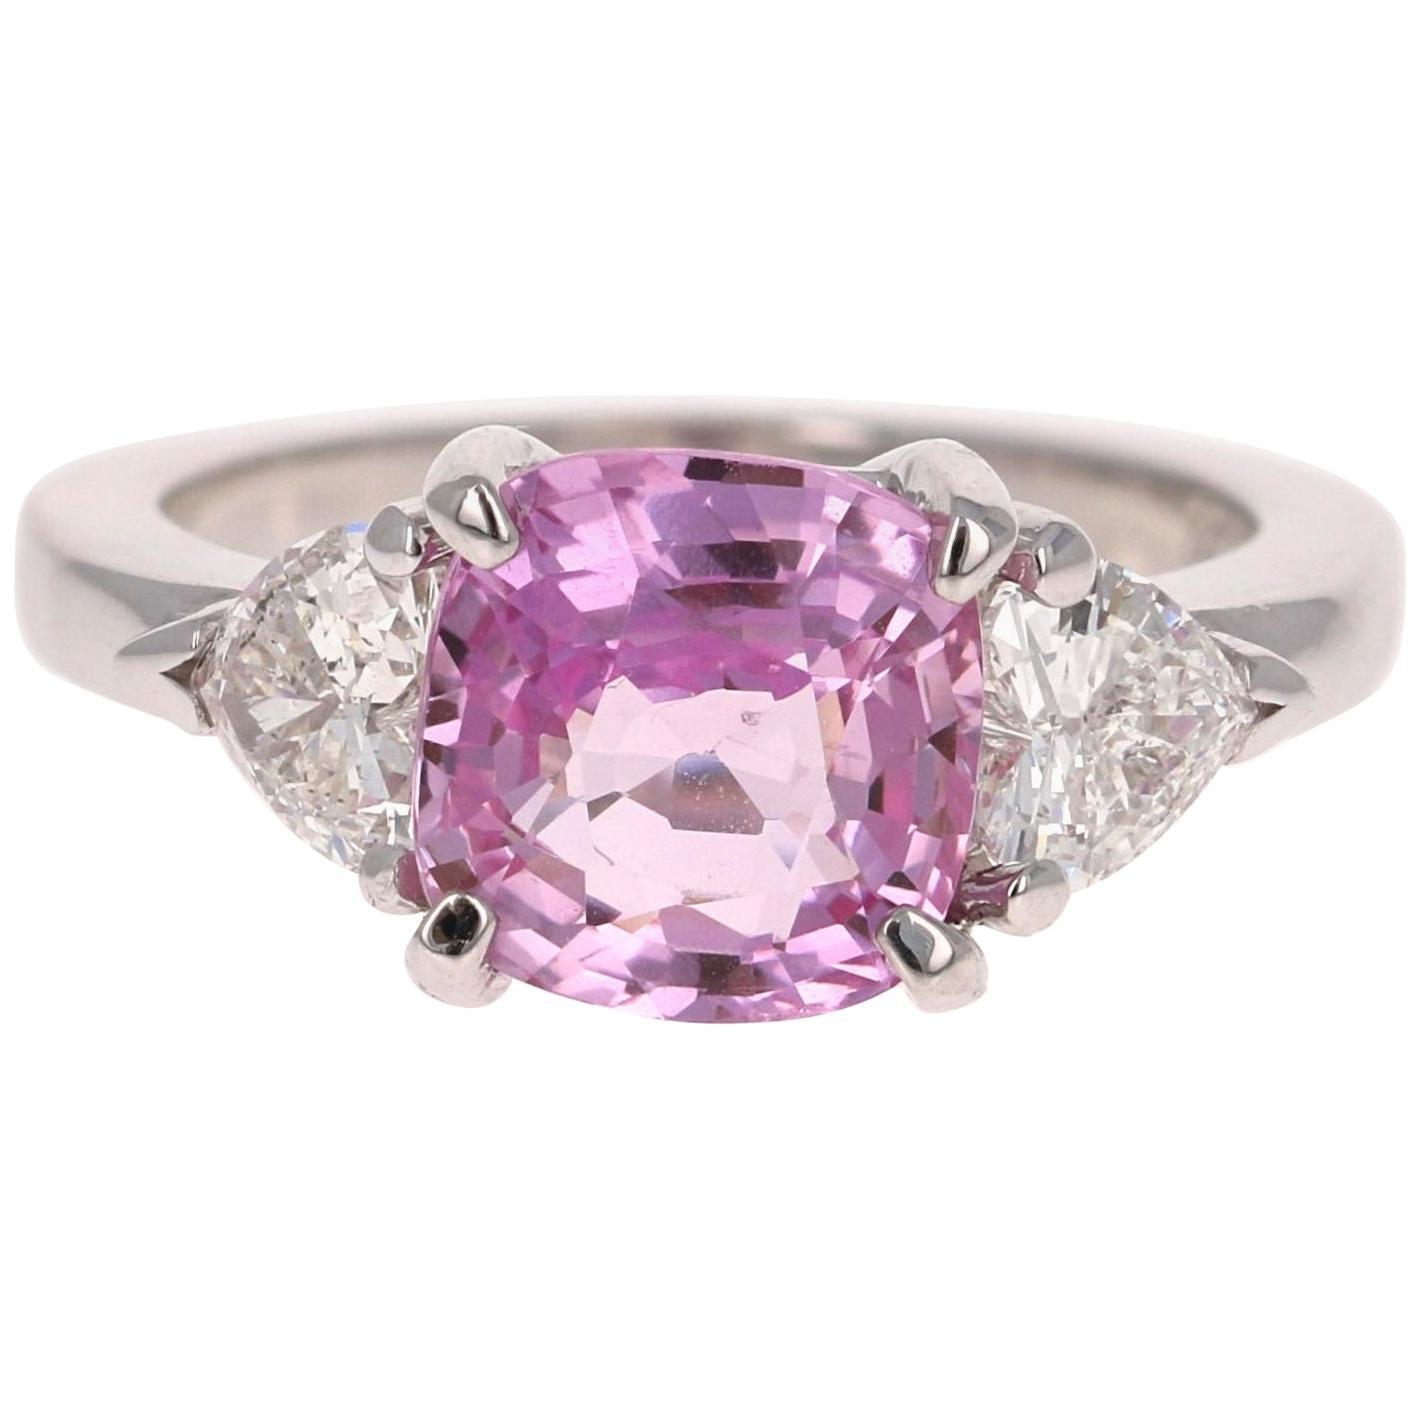 GIA Certified 3.75 Carat Pink Sapphire Diamond 14 Karat White Gold 3-Stone Ring